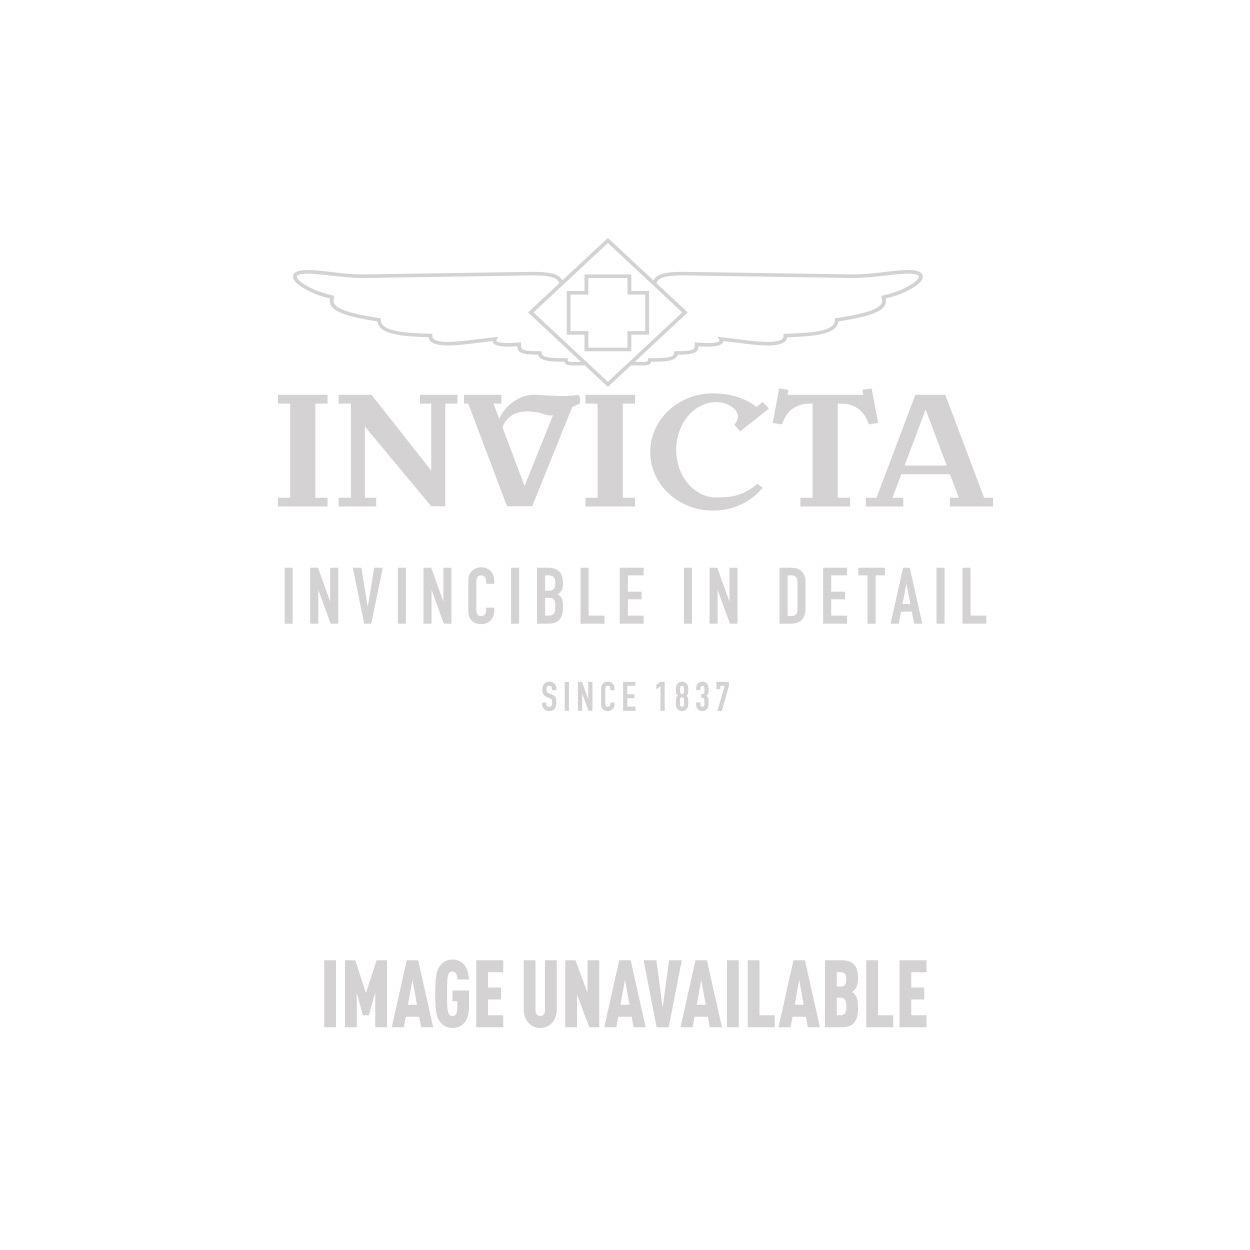 Invicta Model 27937